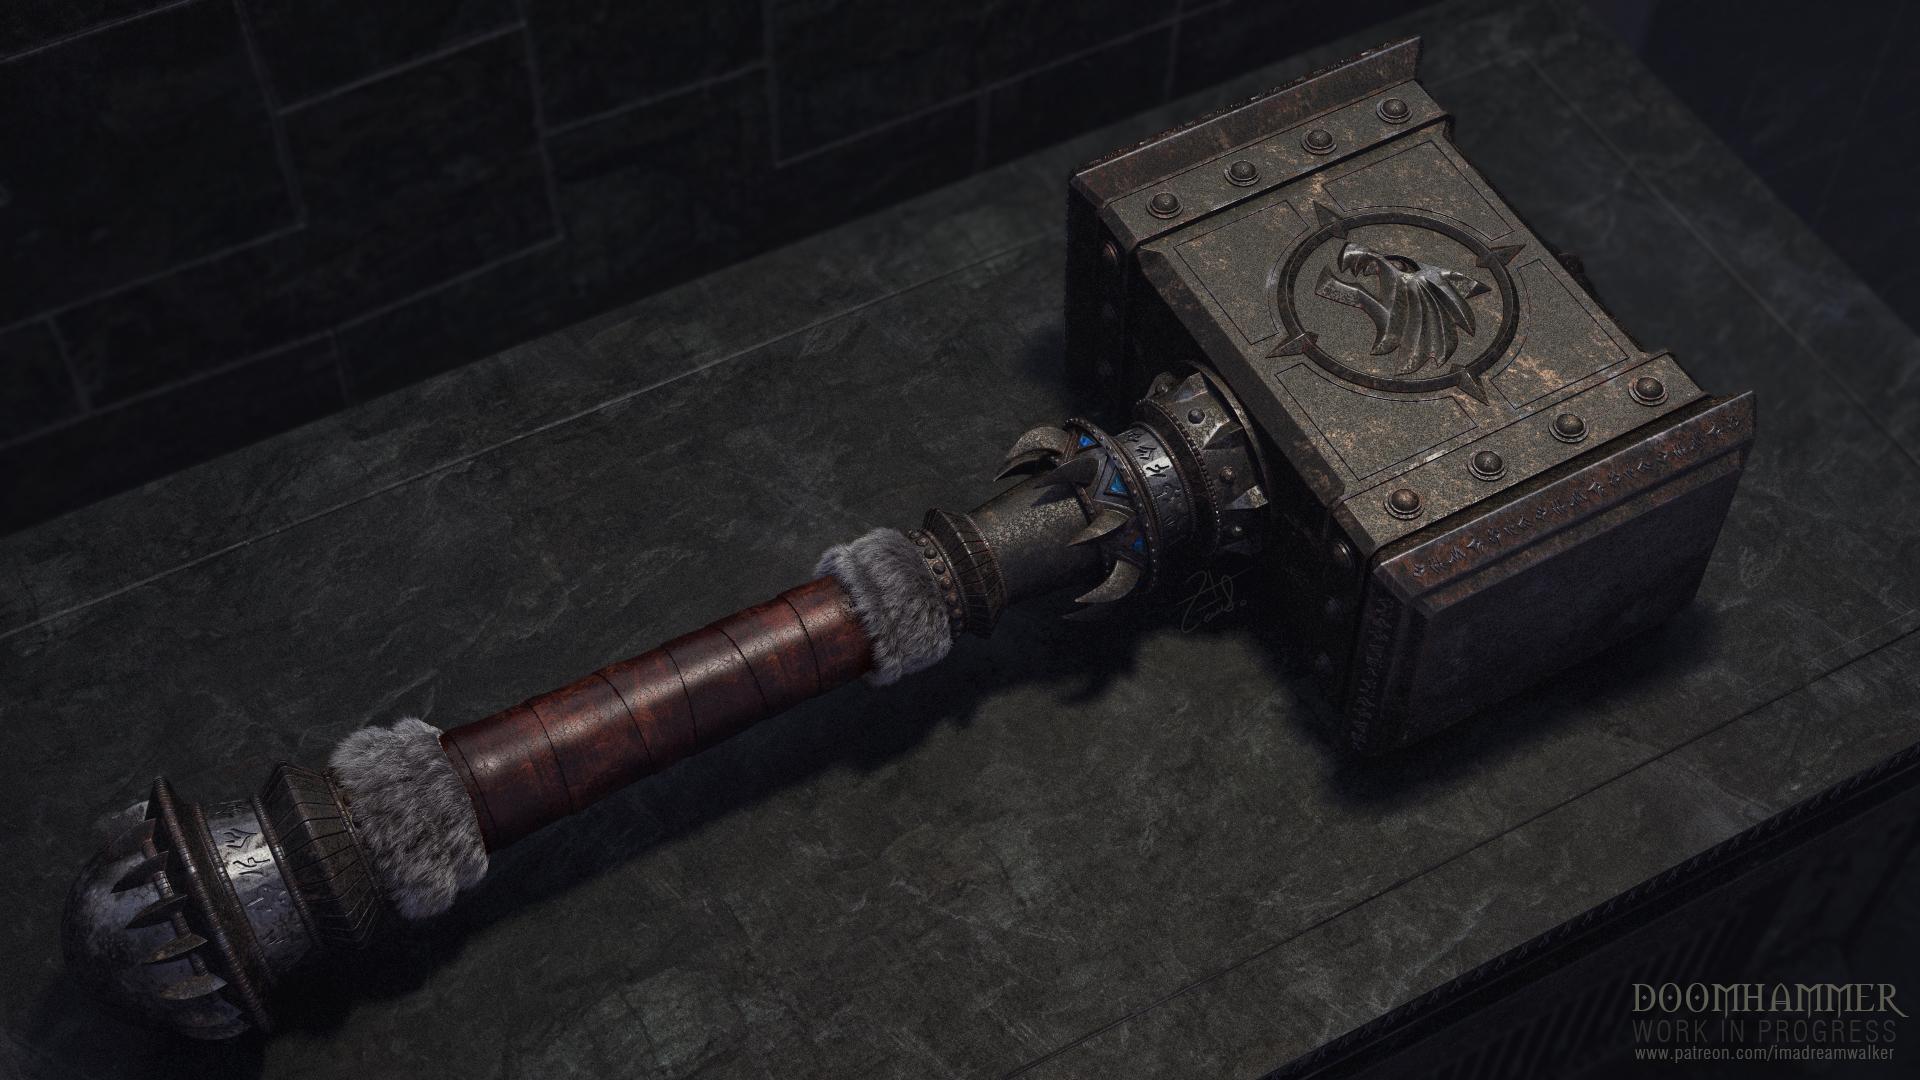 Doomhammer: Work in progress. by imaDreamwalker